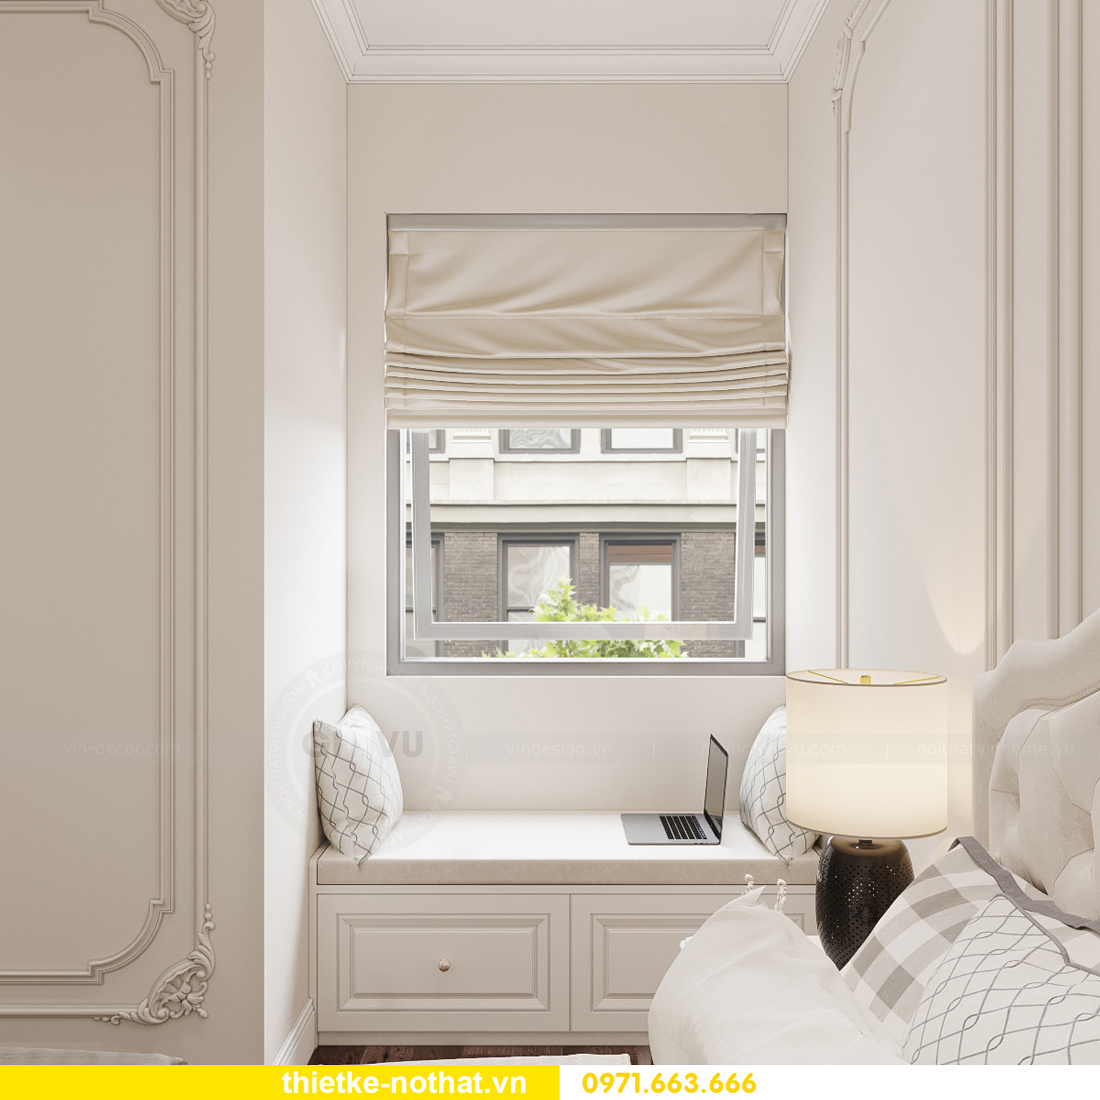 thiết kế nội thất chung cư tân cổ điển tại Vinhomes Green Bay 14